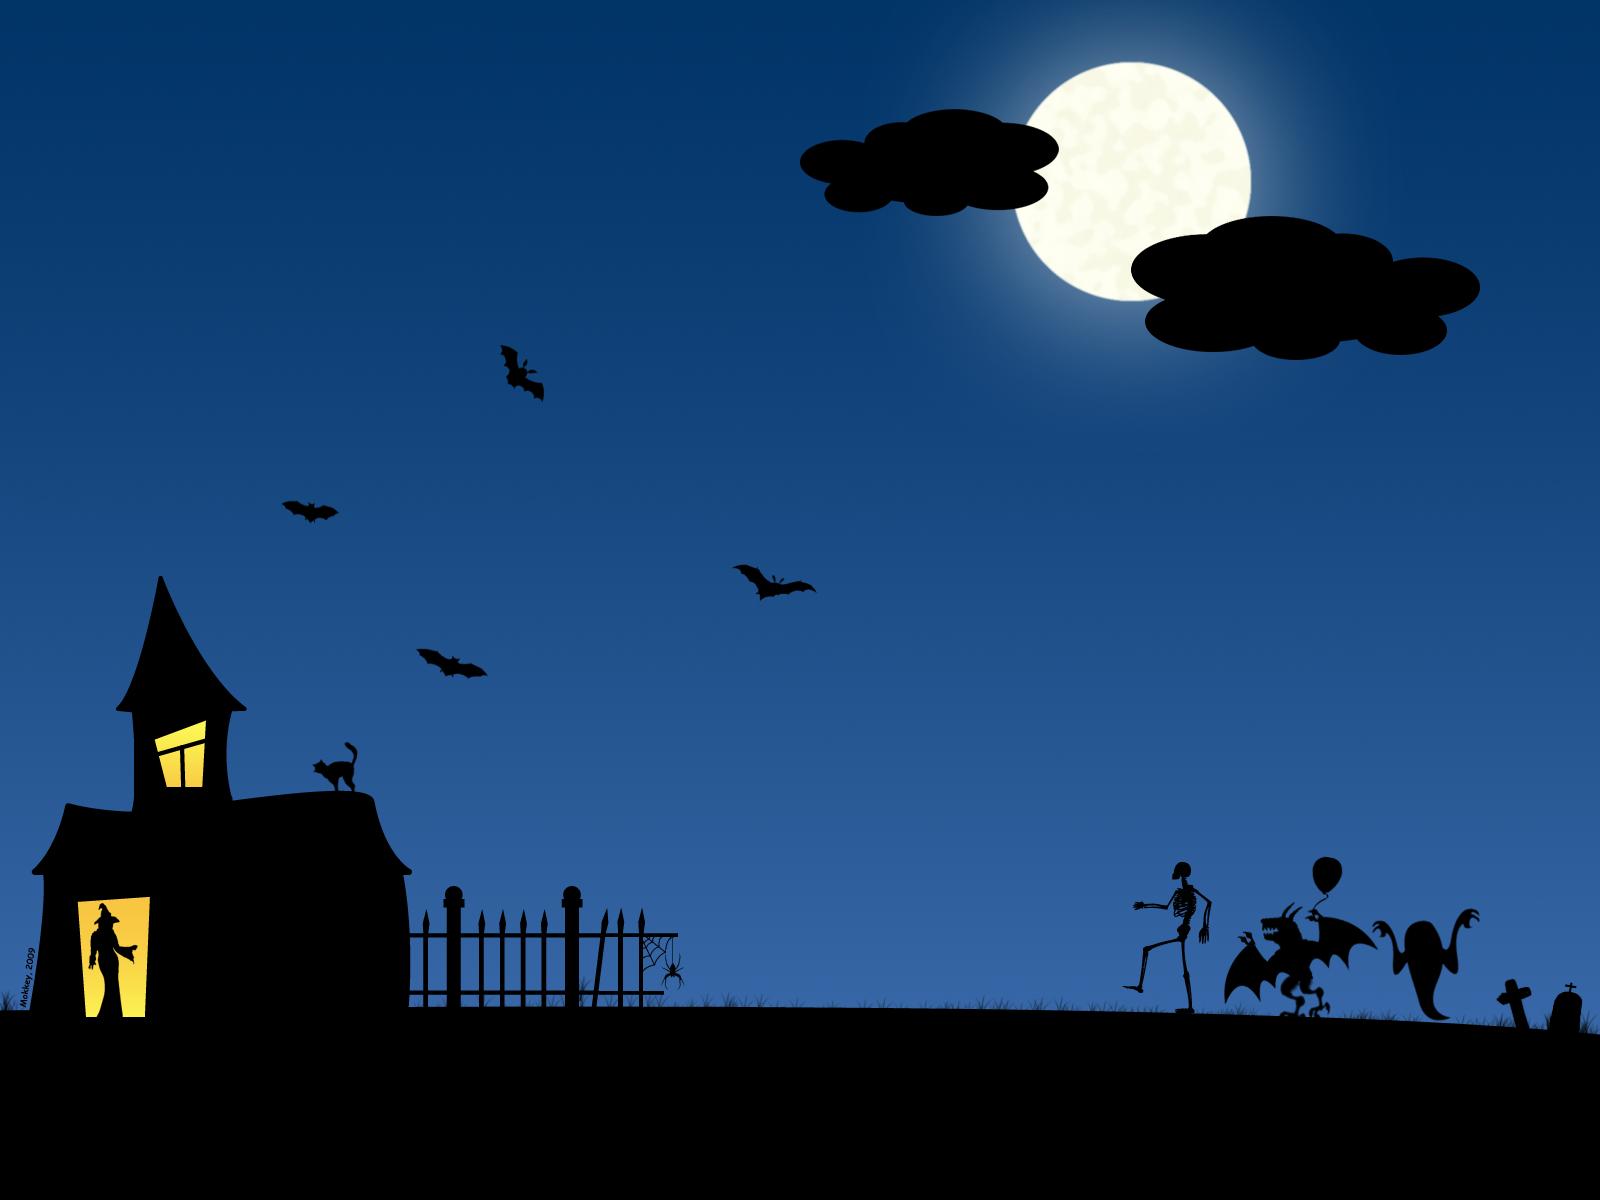 halloween_wallpaper_1600x1200_by_Mokkey.png